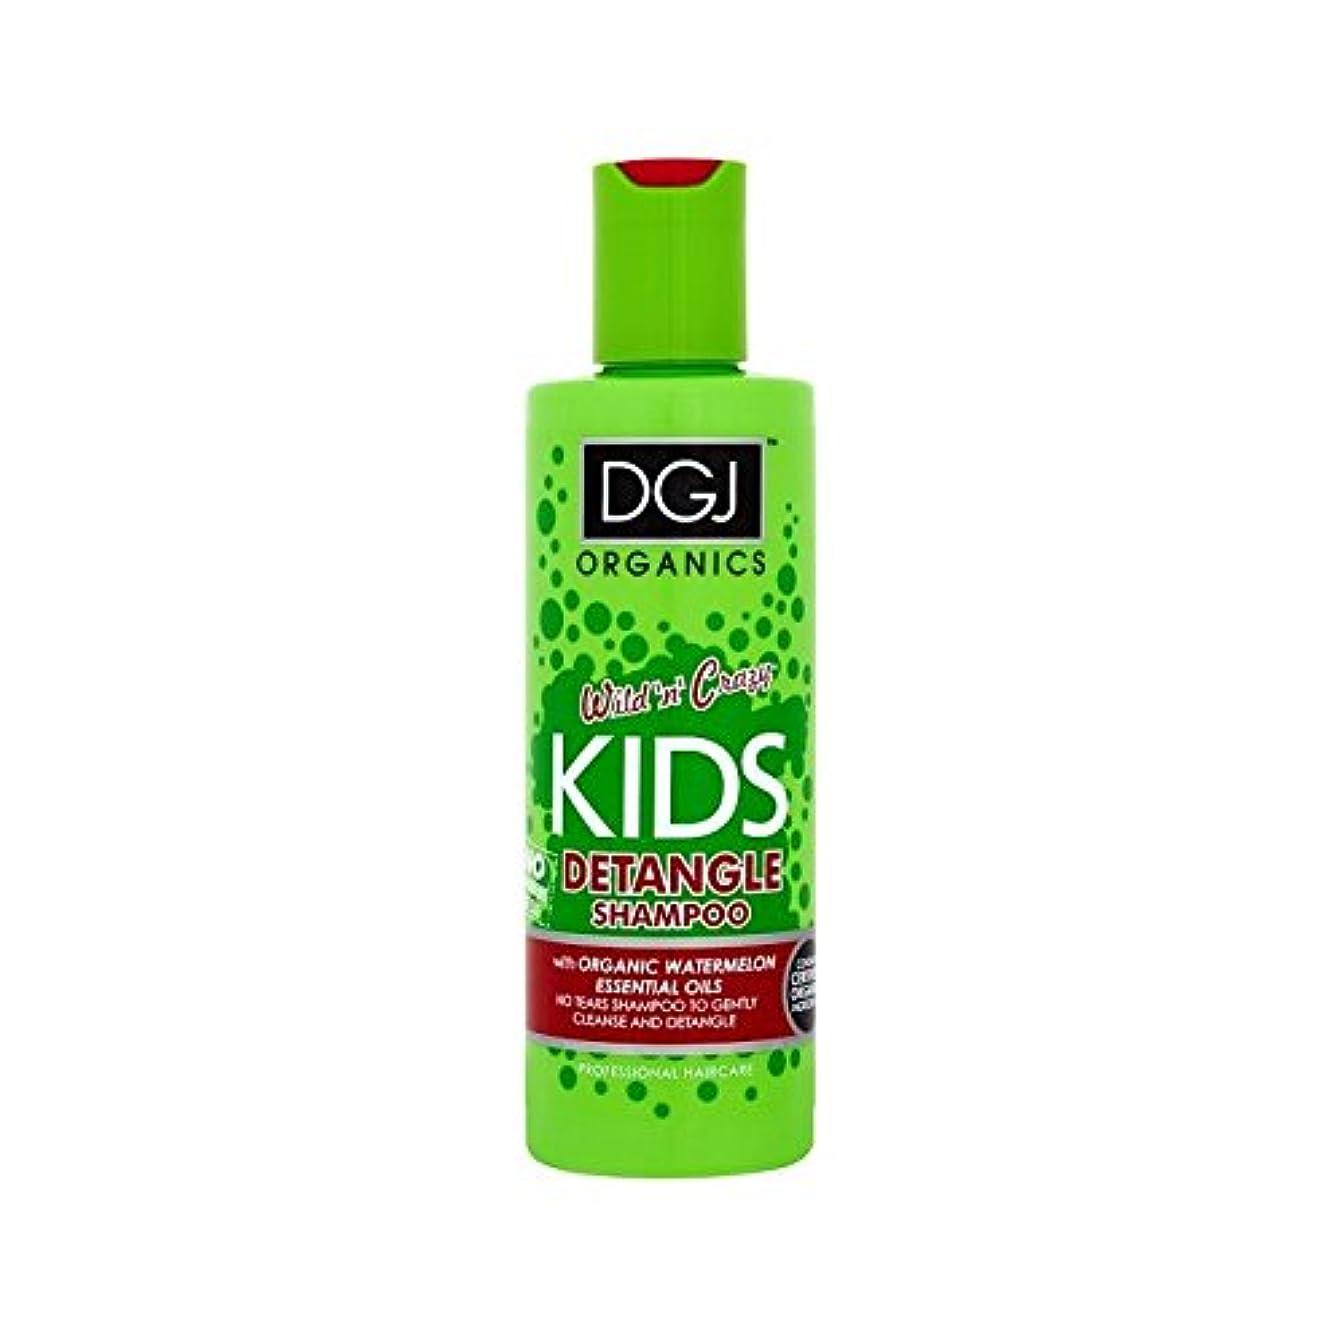 スケッチ尊厳間に合わせDgj子供たちはシャンプー250ミリリットルをもつれ解除スイカ (DGJ Organics) (x 4) - DGJ Kids Watermelon Detangling Shampoo 250ml (Pack of 4) [並行輸入品]